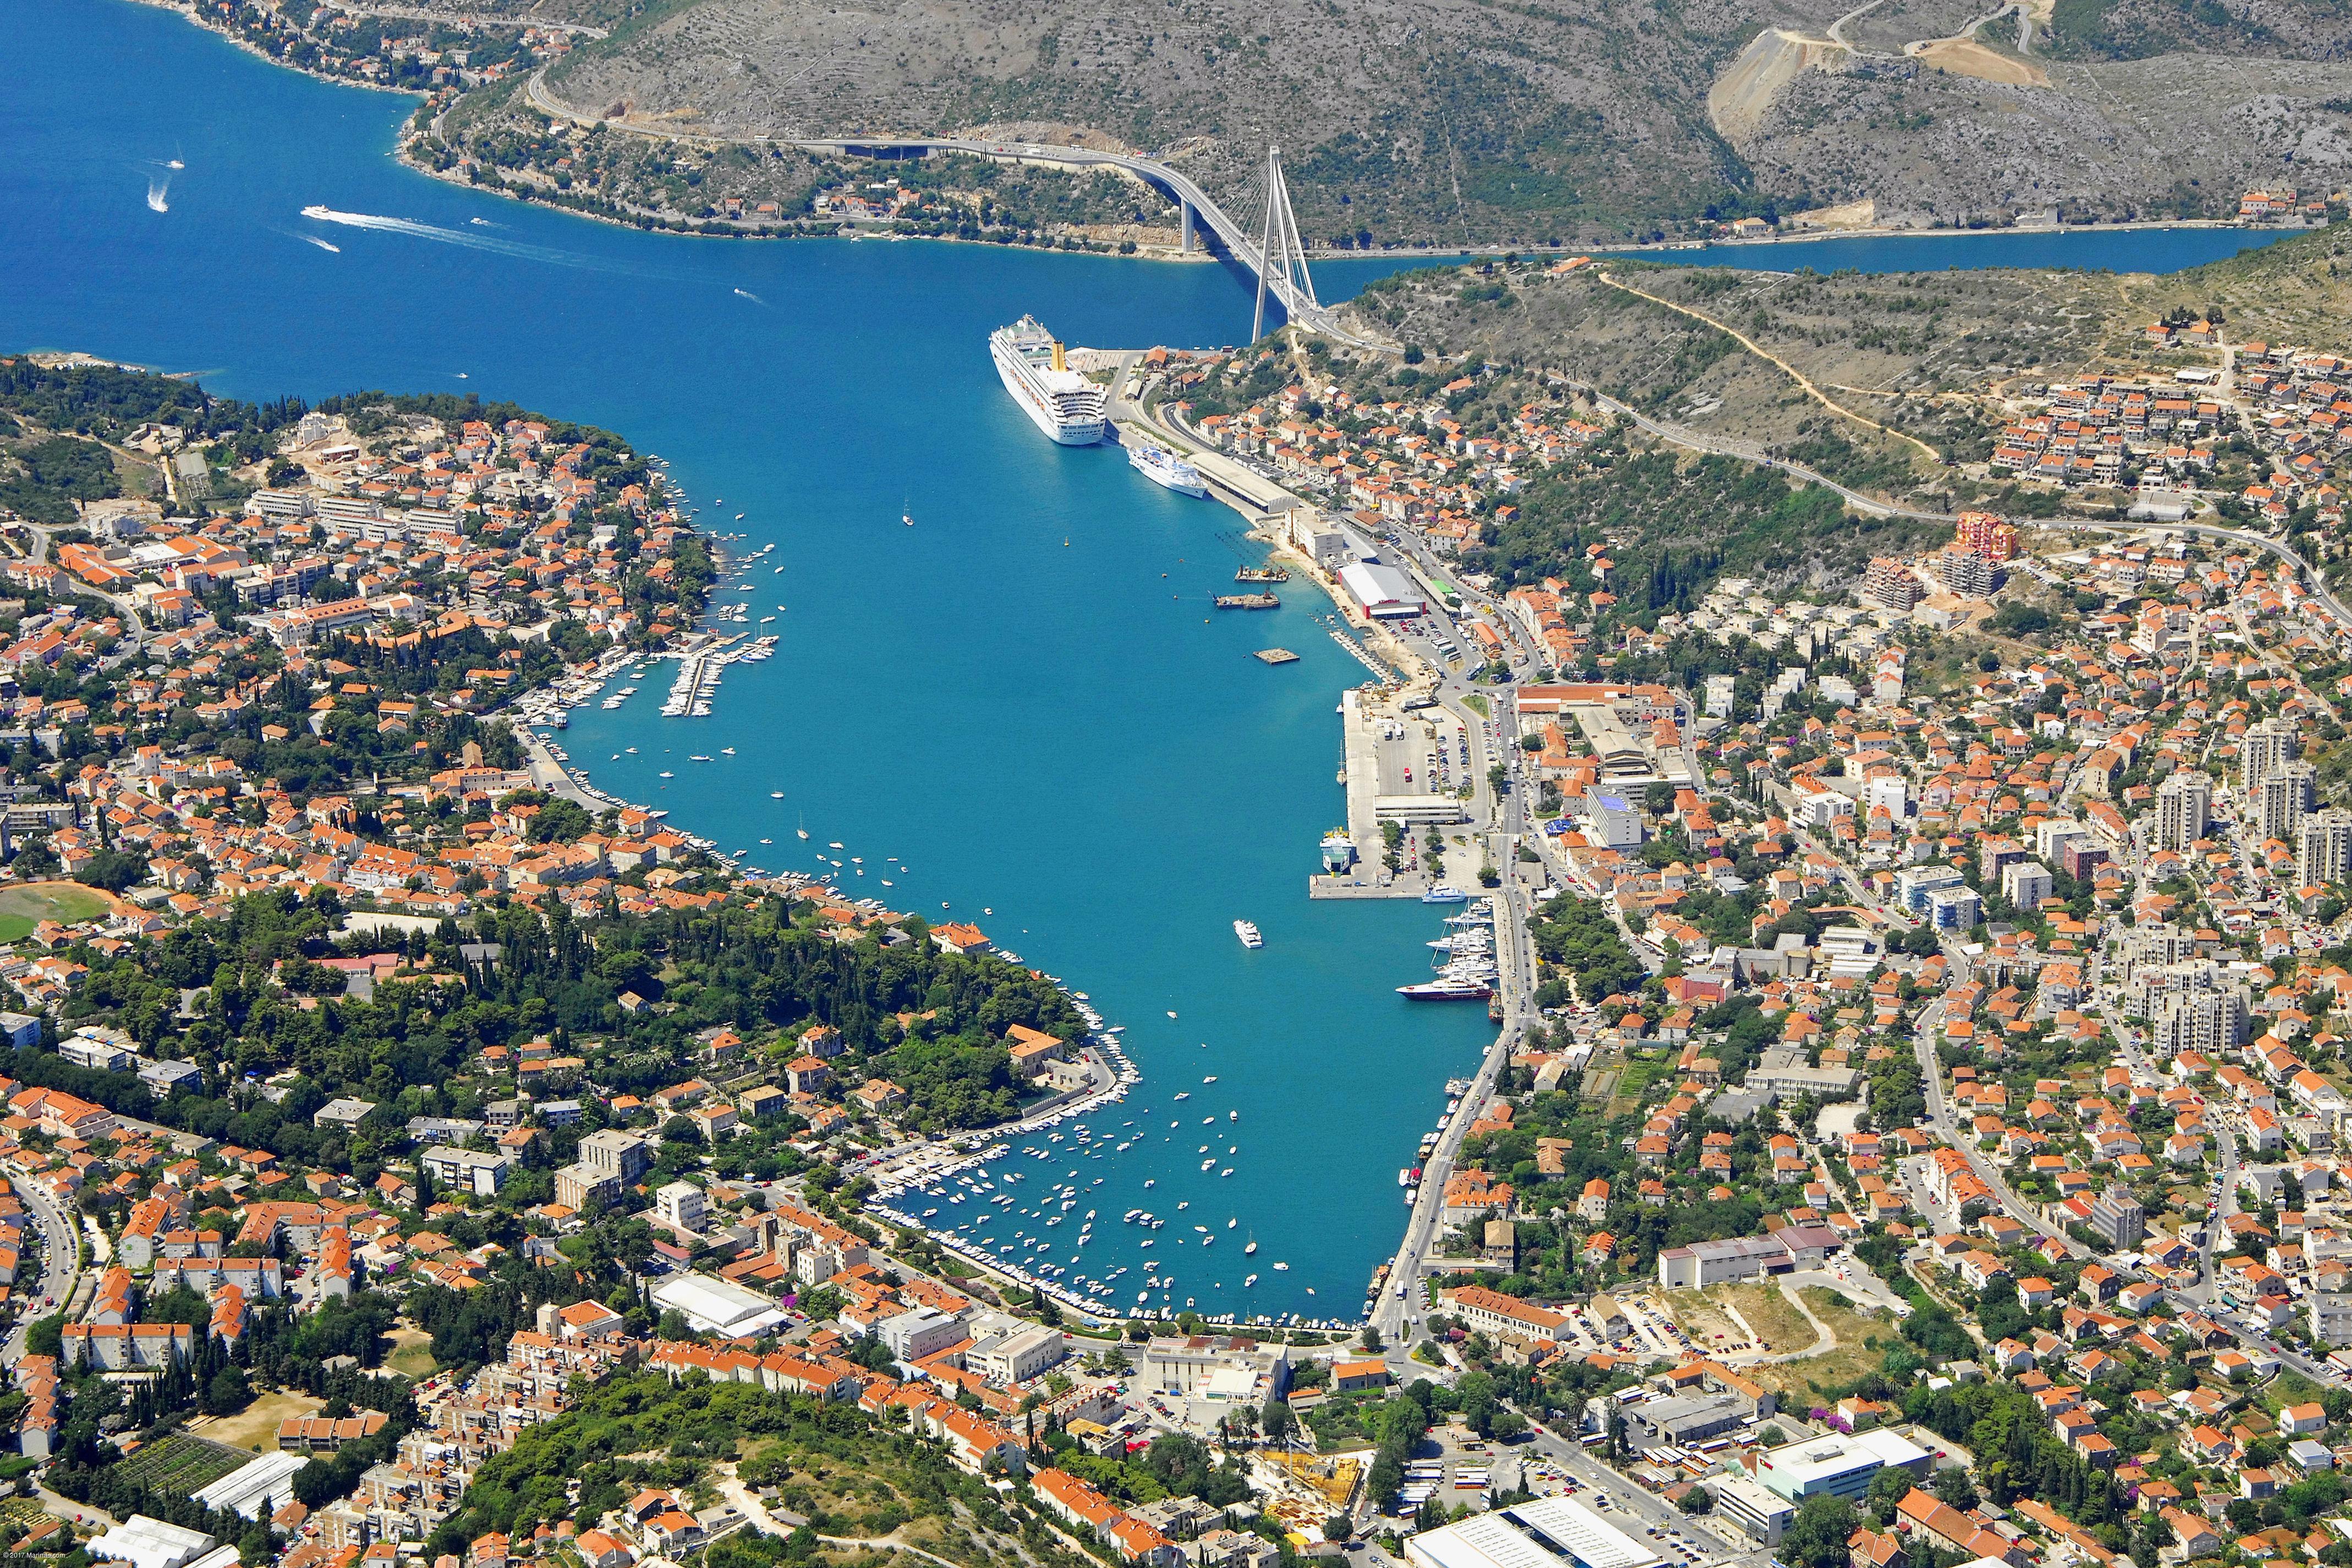 Dubrovnik Gruz Luka Harbor in Dubrovnik, Croatia - harbor Reviews - Phone Number - Marinas.com